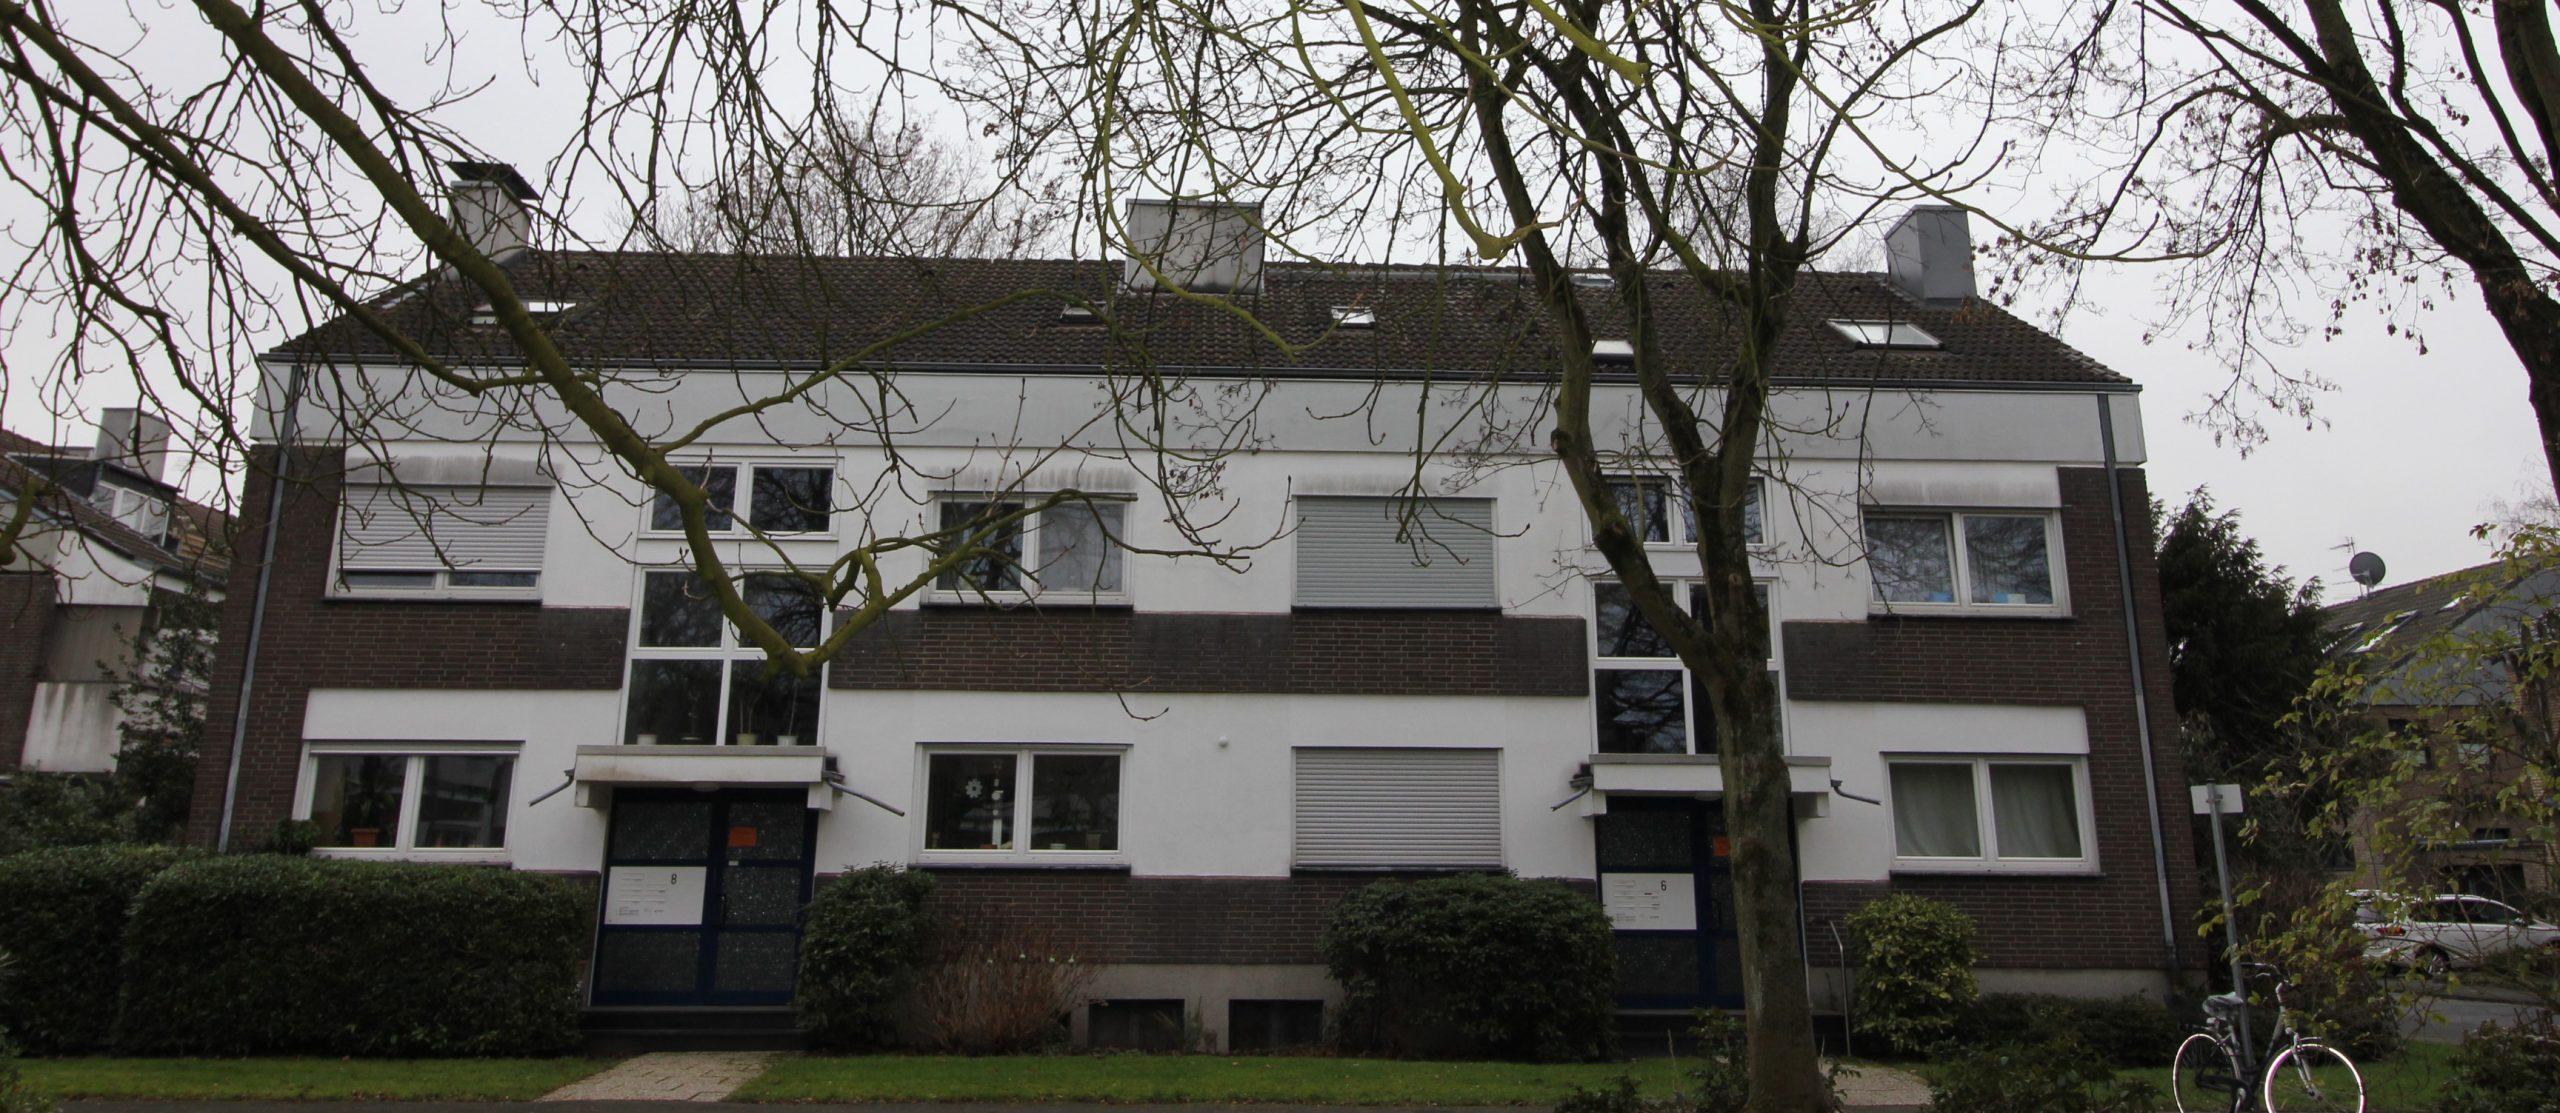 Hausverwaltung Krefeld - Buschhüterdyk - Mietverwalter